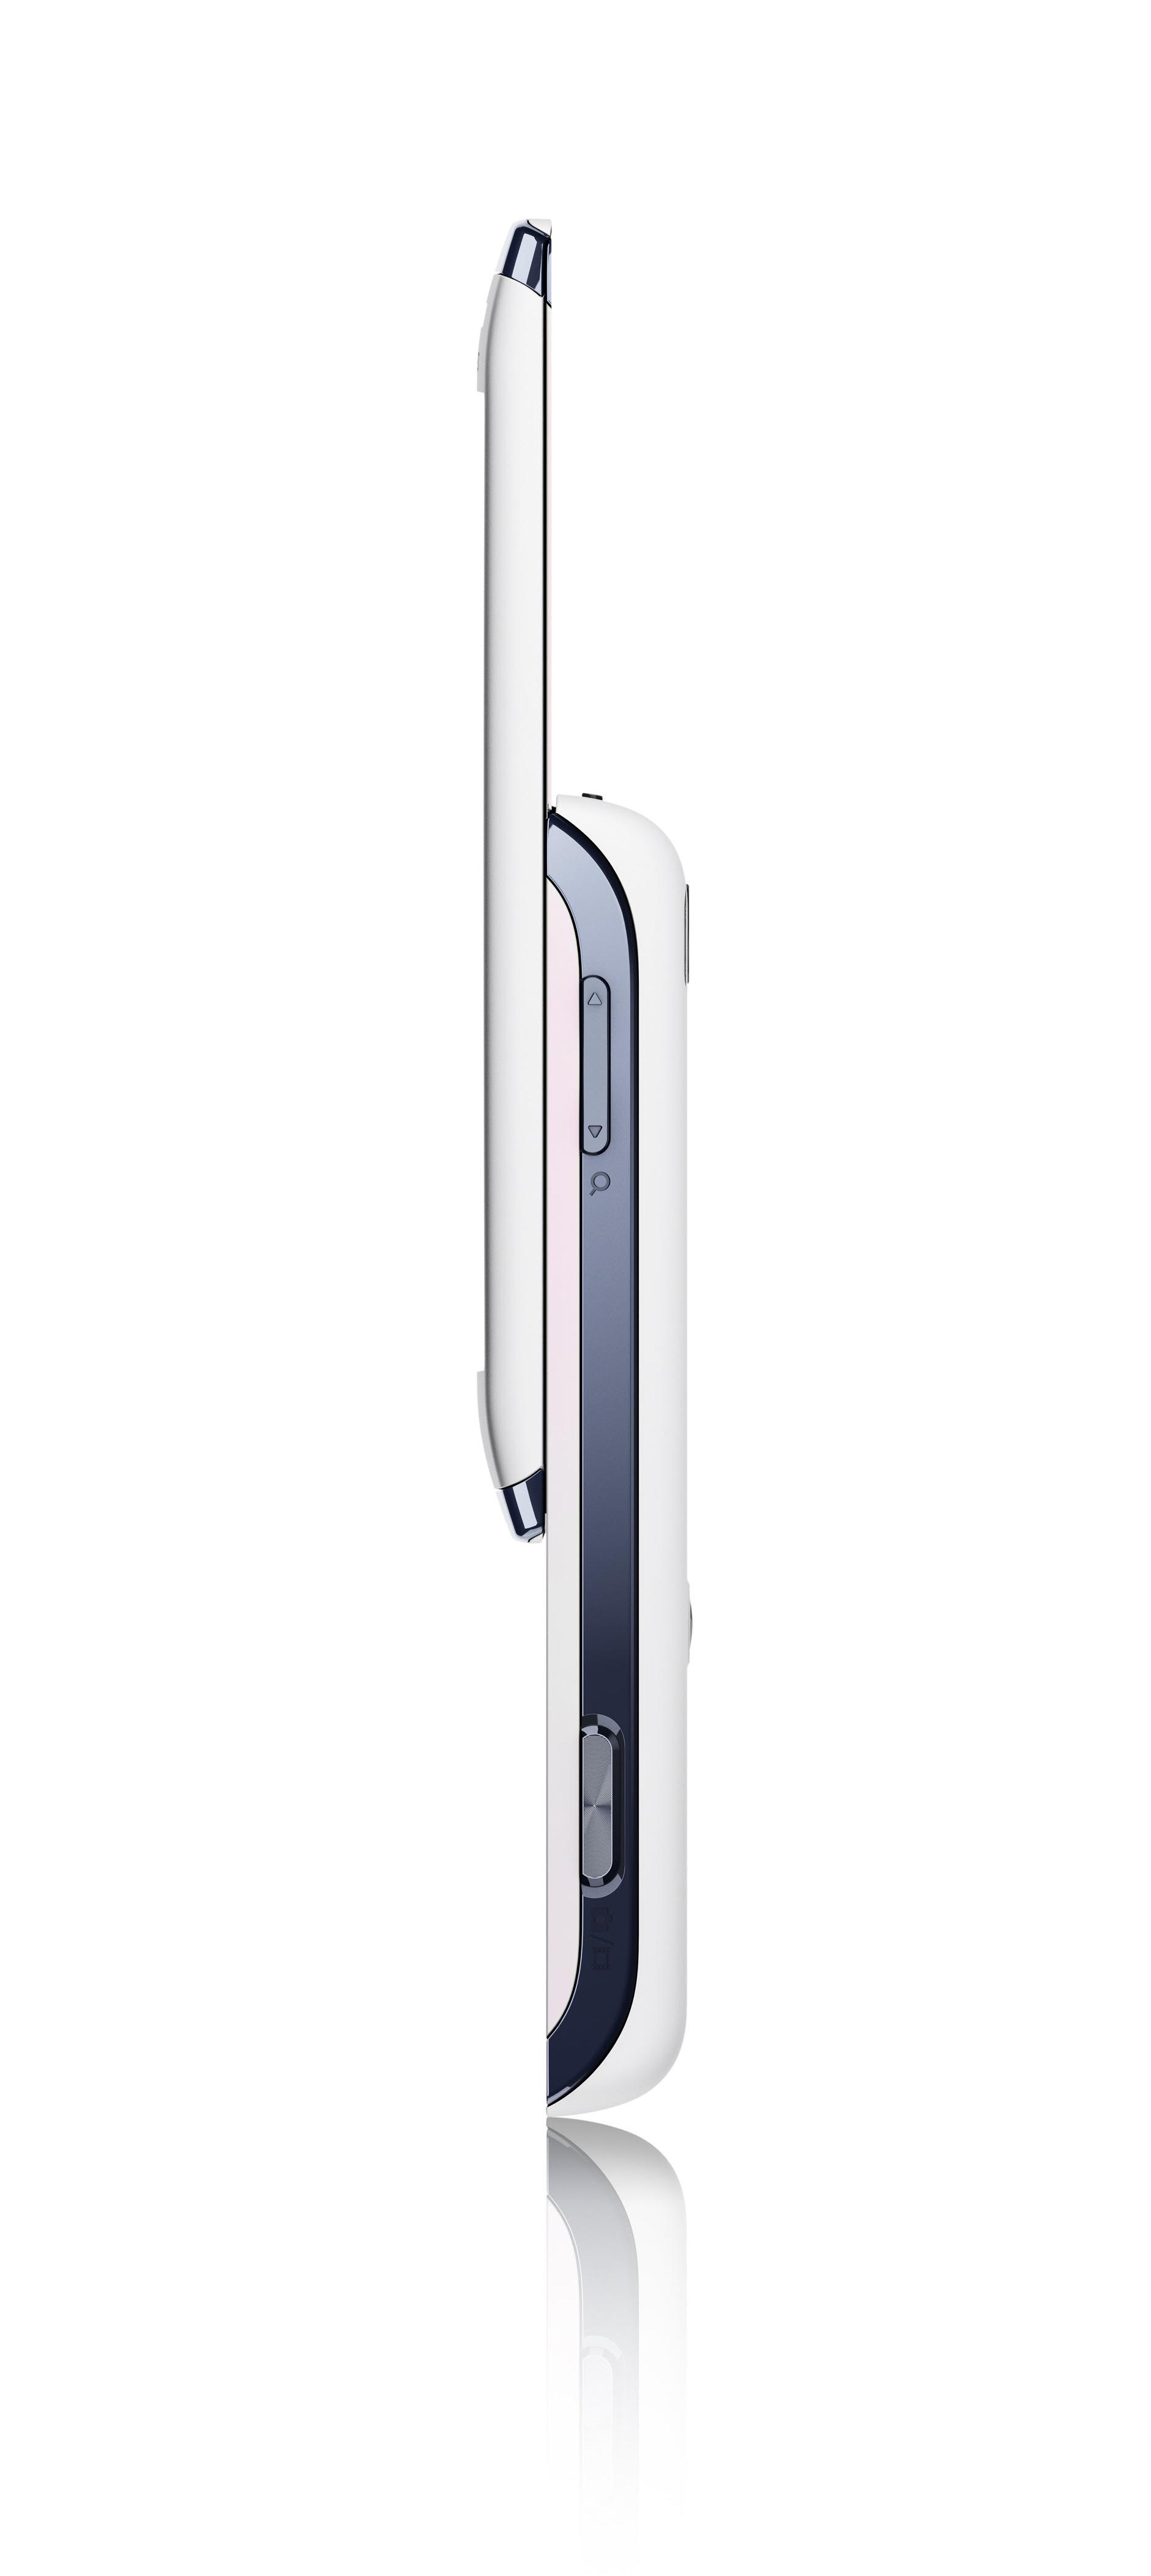 Sony Ericssonilta puhelin PS3-ominaisuuksilla